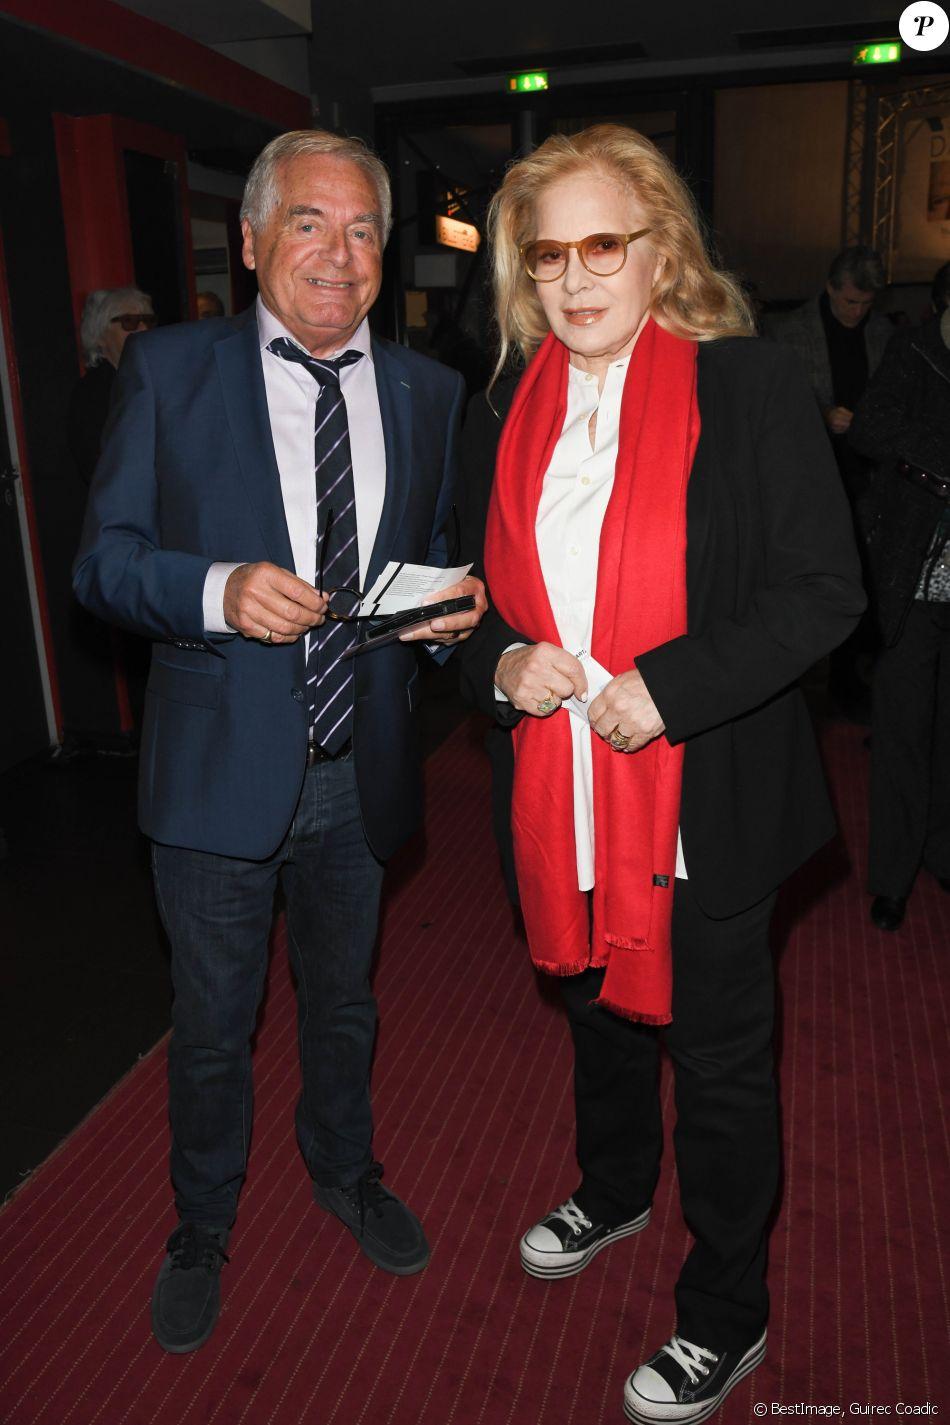 Exclusif Michel Habert Et Sylvie Vartan People Au Concert De Dave A Bobino A Paris Le 18 Novembre 2019 C Coadic Guirec Bestimage Purepeople